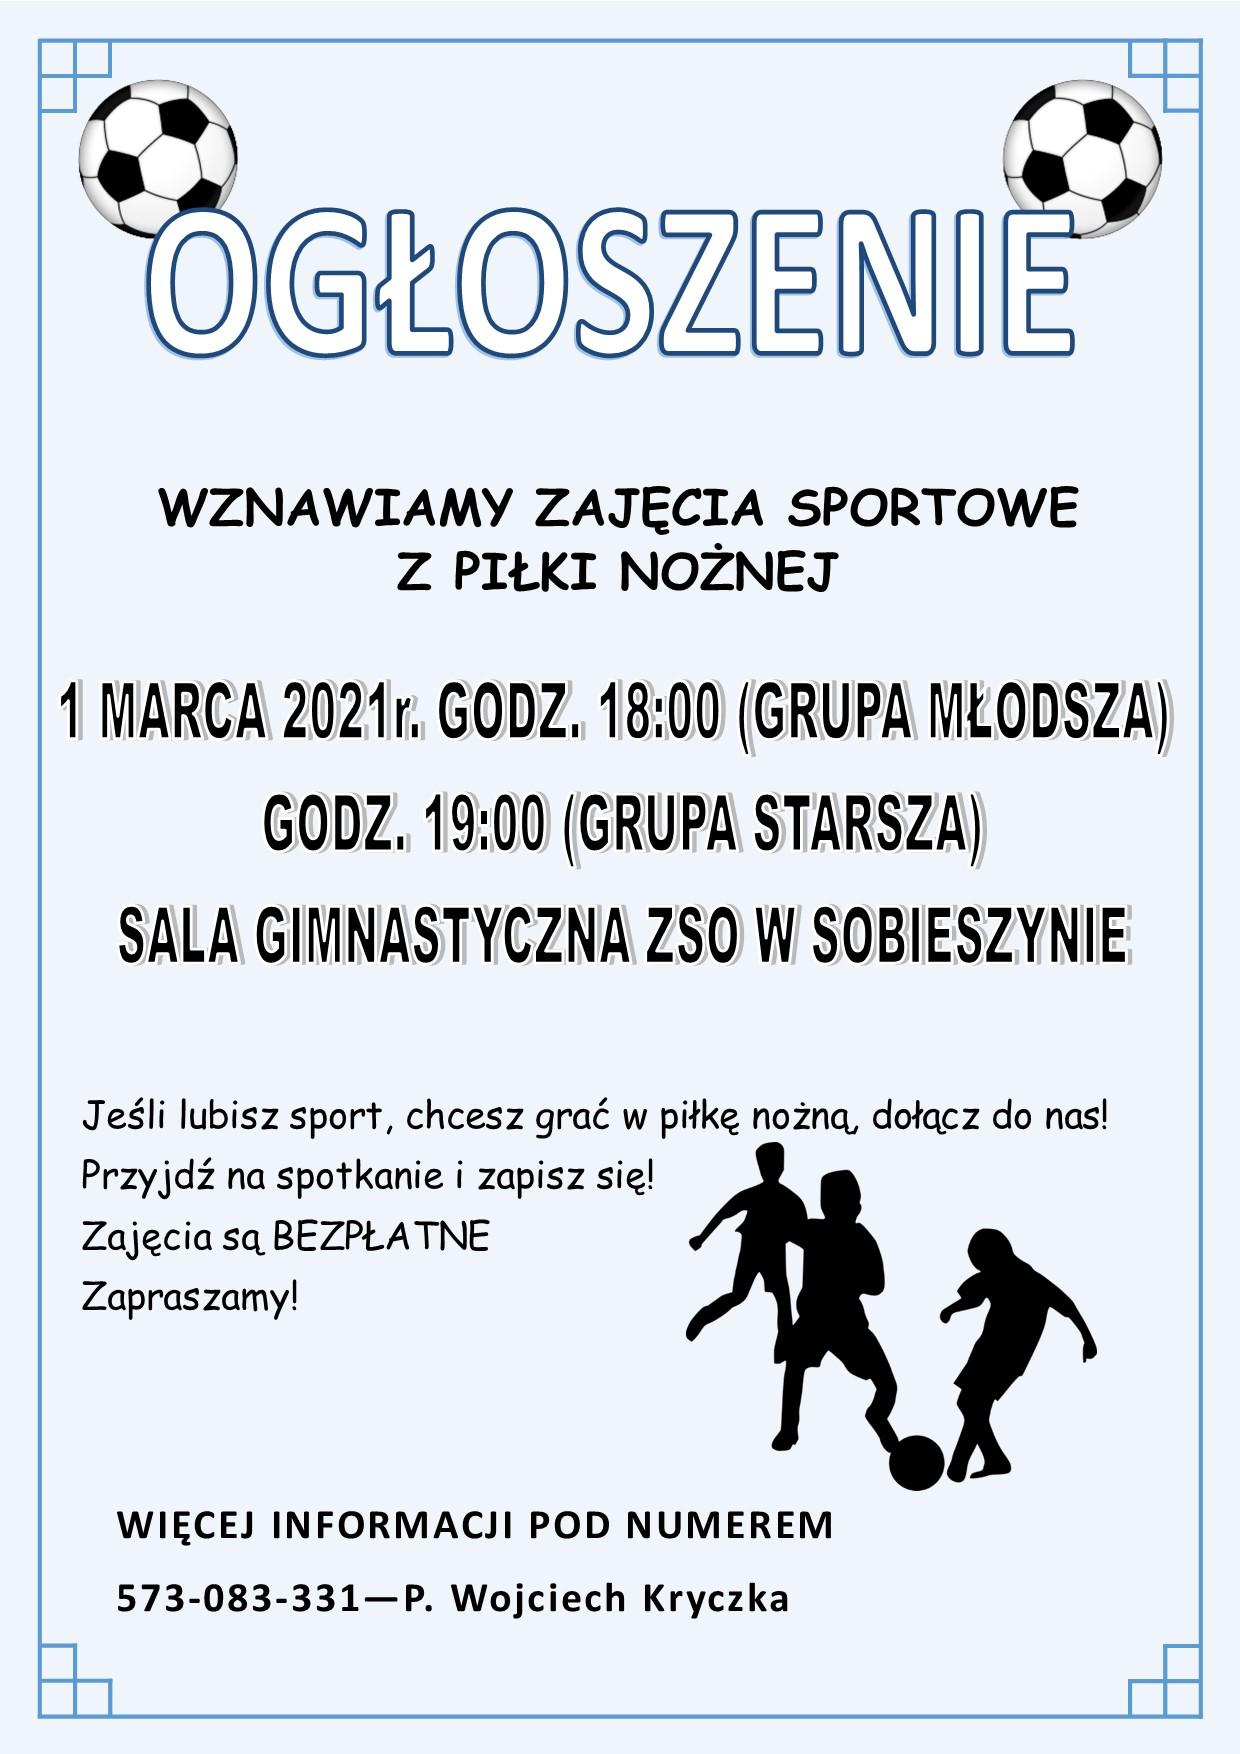 Ogłoszenie o zajęciach sportowych